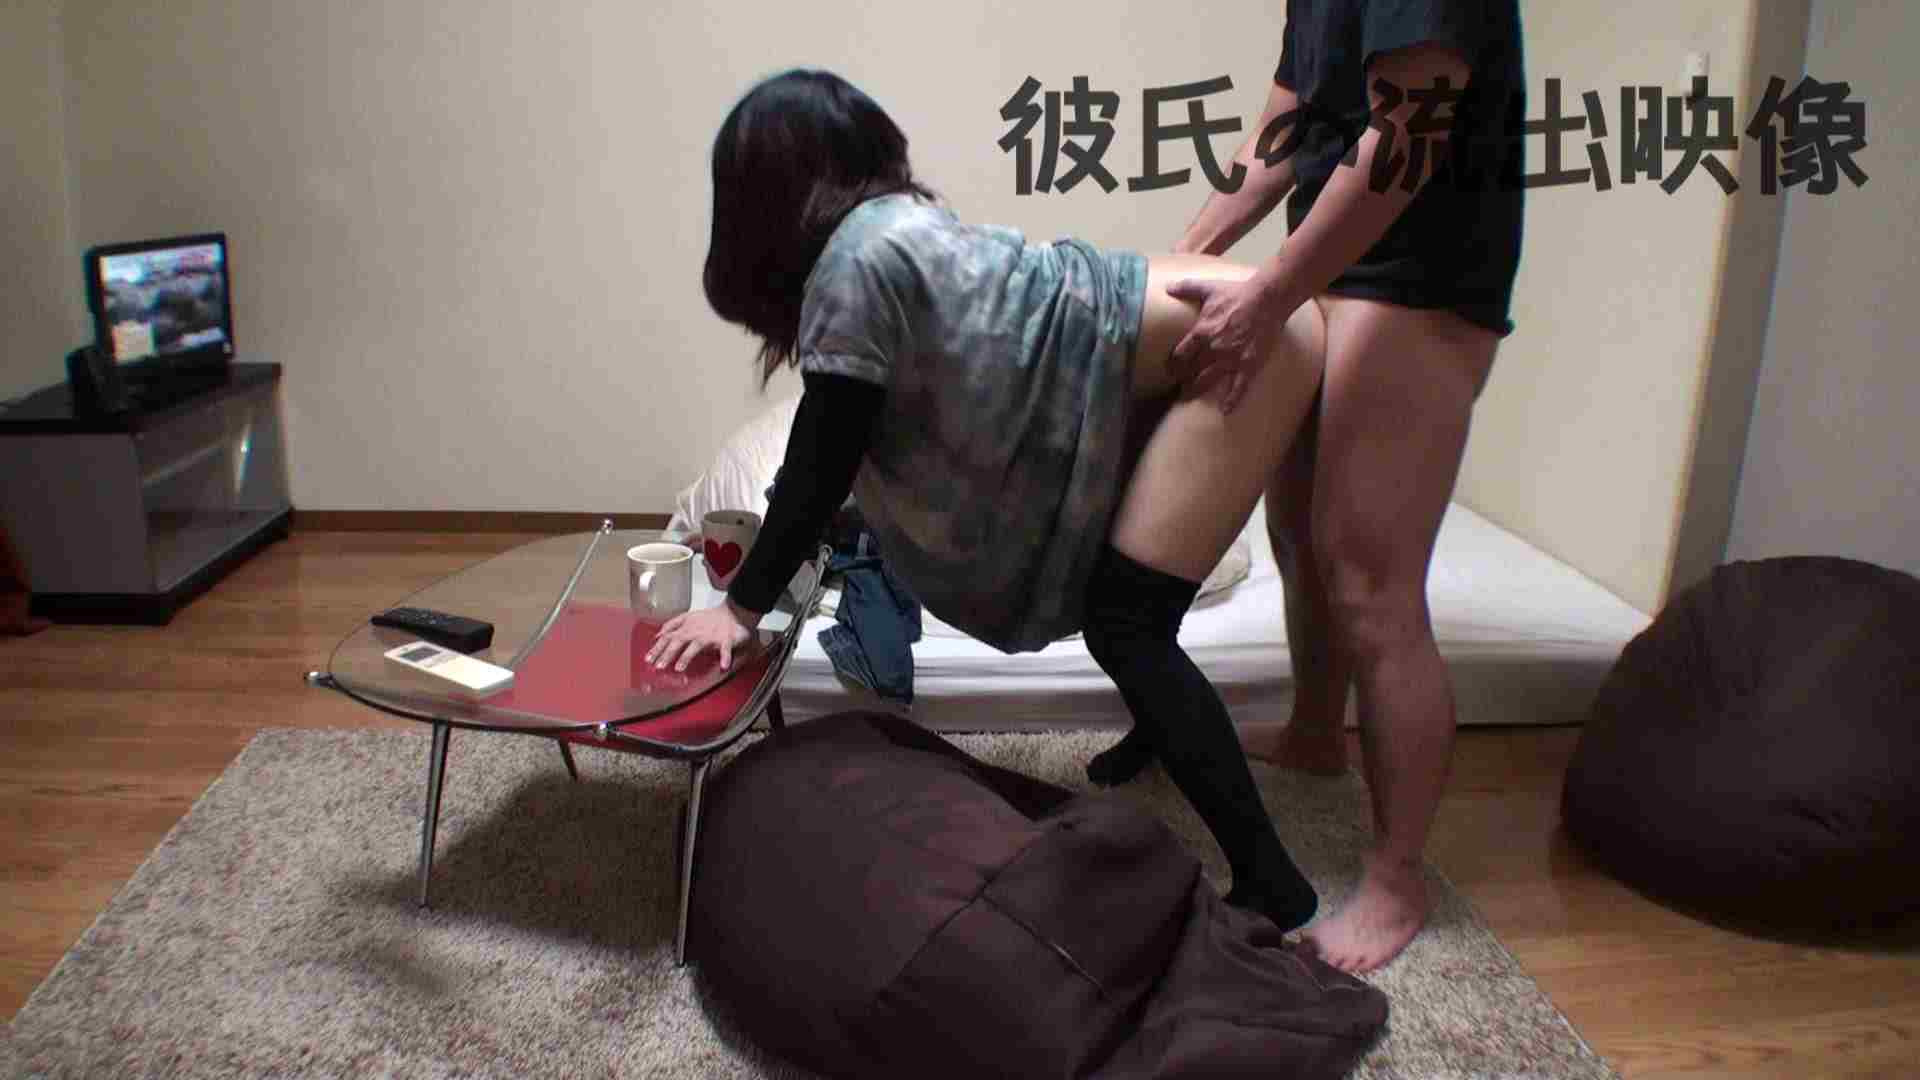 彼氏が流出 パイパン素人嬢のハメ撮り映像02 一般投稿 | ギャル達のSEX  61画像 47